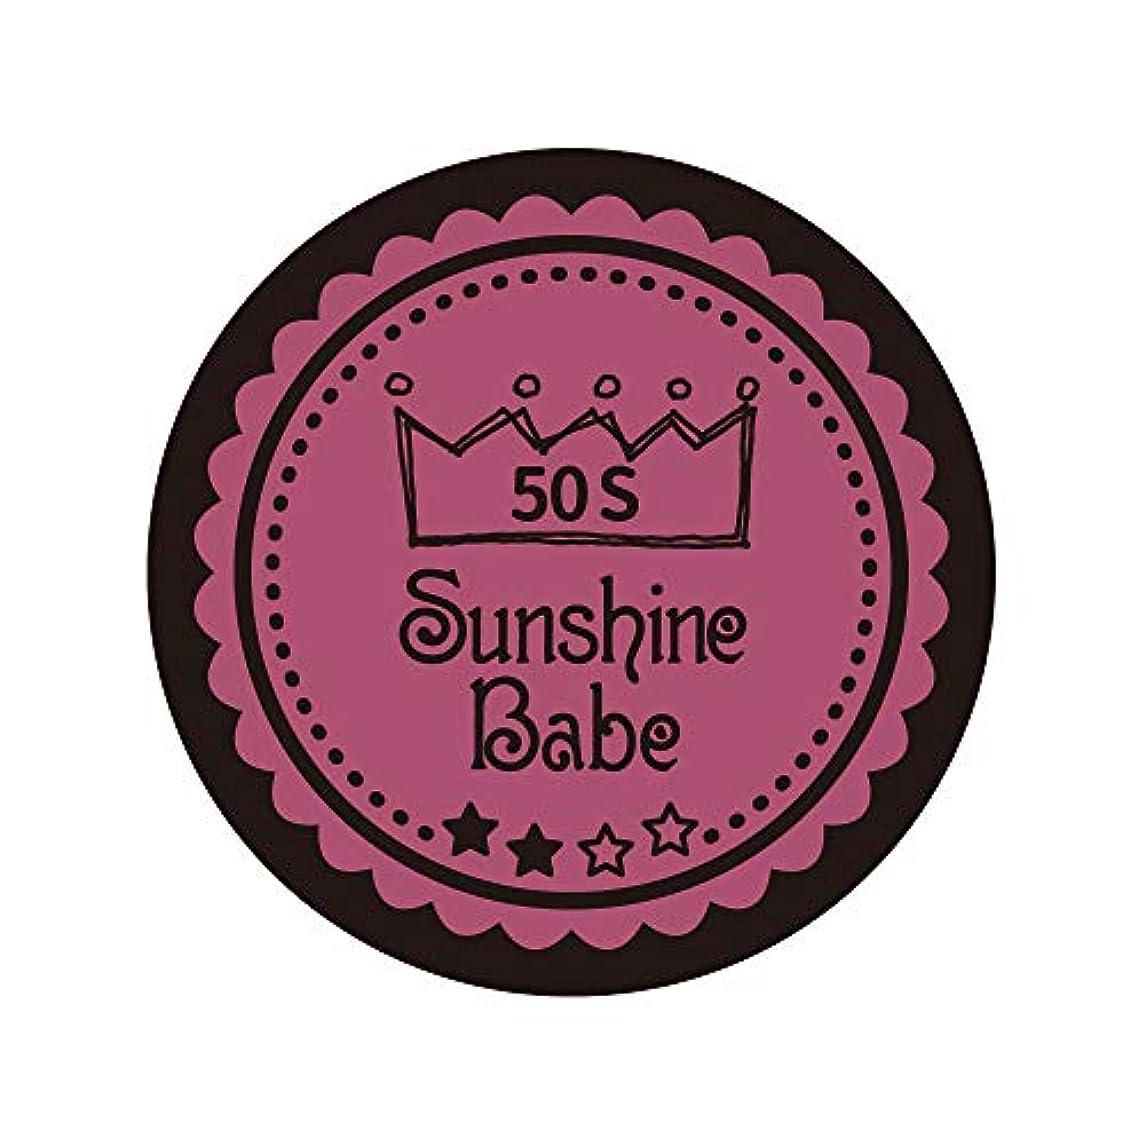 着実に立派な完全に乾くSunshine Babe カラージェル 50S ベイクドピンク 2.7g UV/LED対応